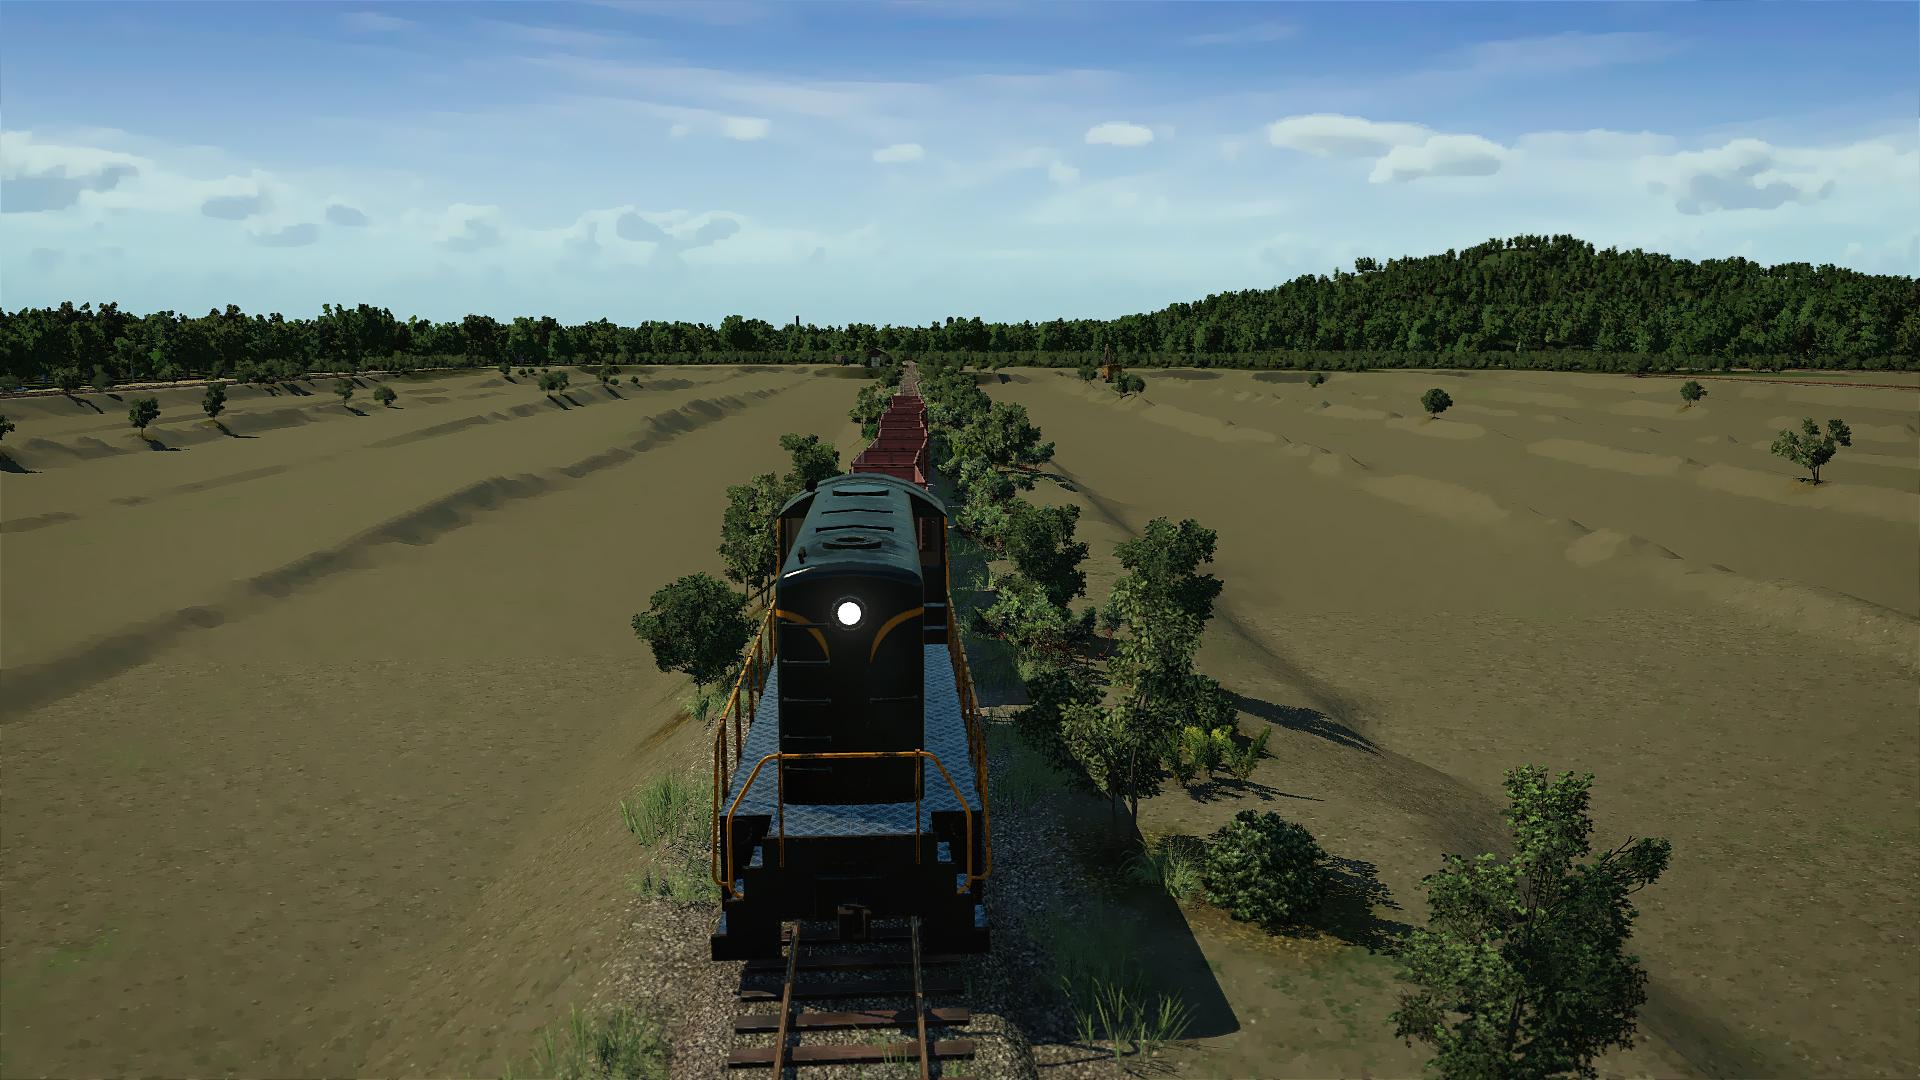 Bockerlbahn_Weidmoos_Modellbahn_004.jpg